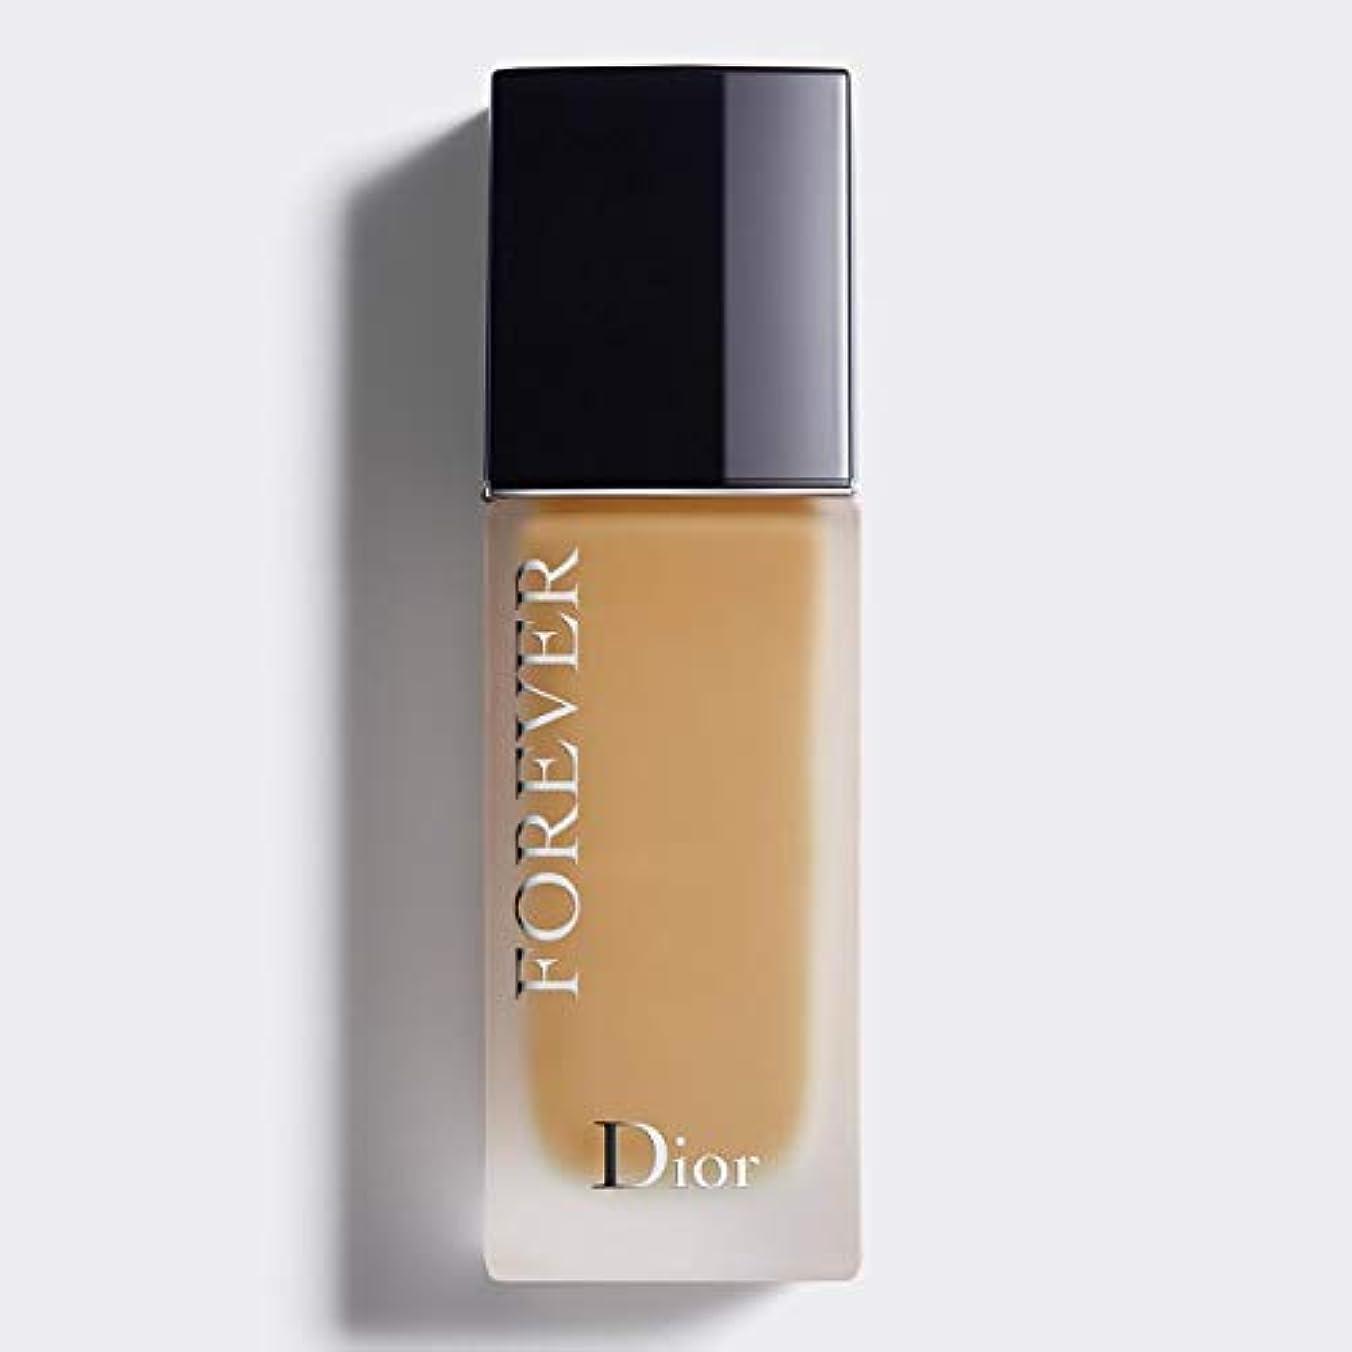 ボイド純度トーストクリスチャンディオール Dior Forever 24H Wear High Perfection Foundation SPF 35 - # 3WO (Warm Olive) 30ml/1oz並行輸入品